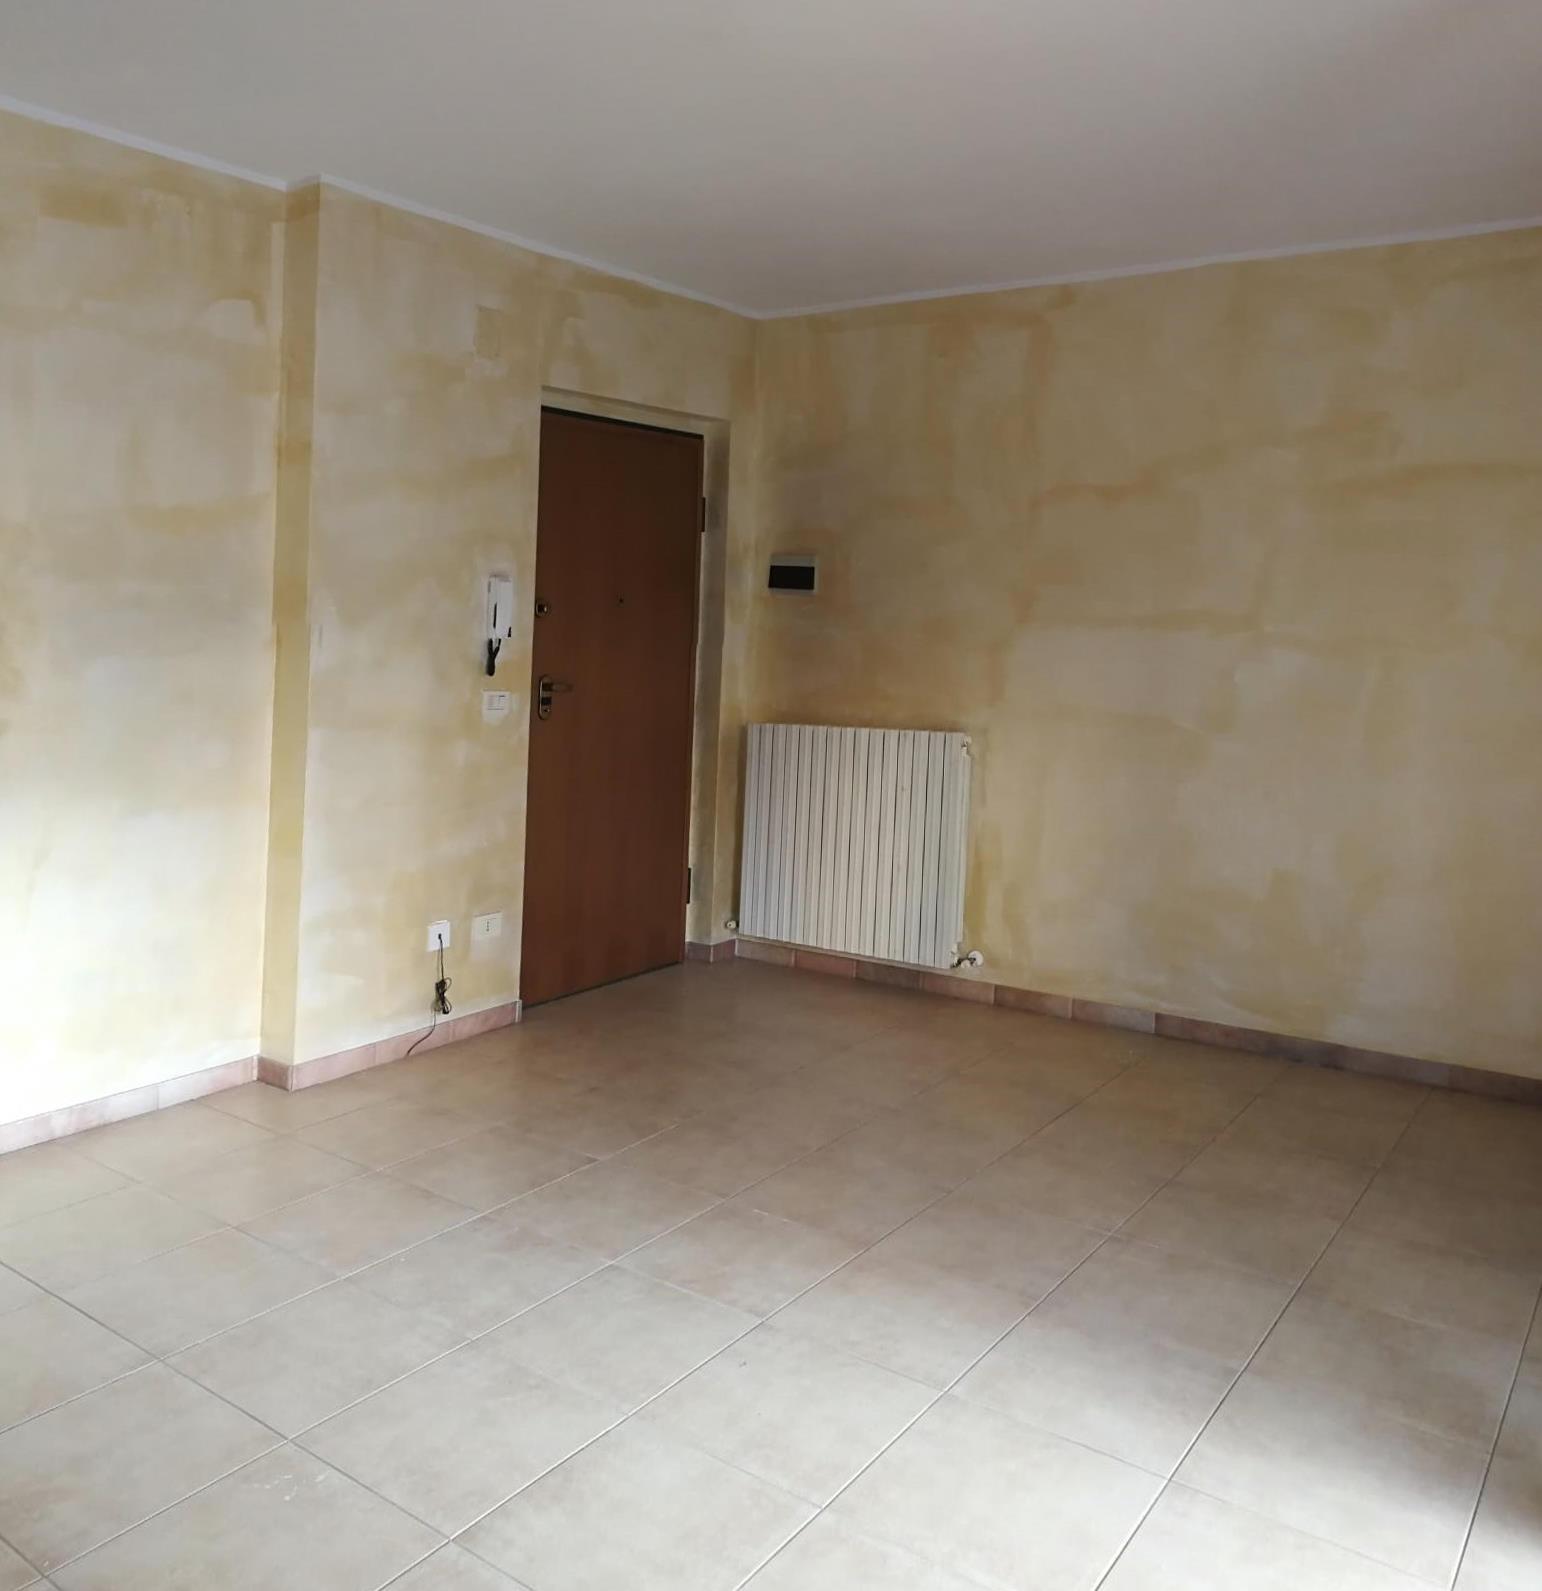 Appartamento luminoso a Porto d'Ascoli